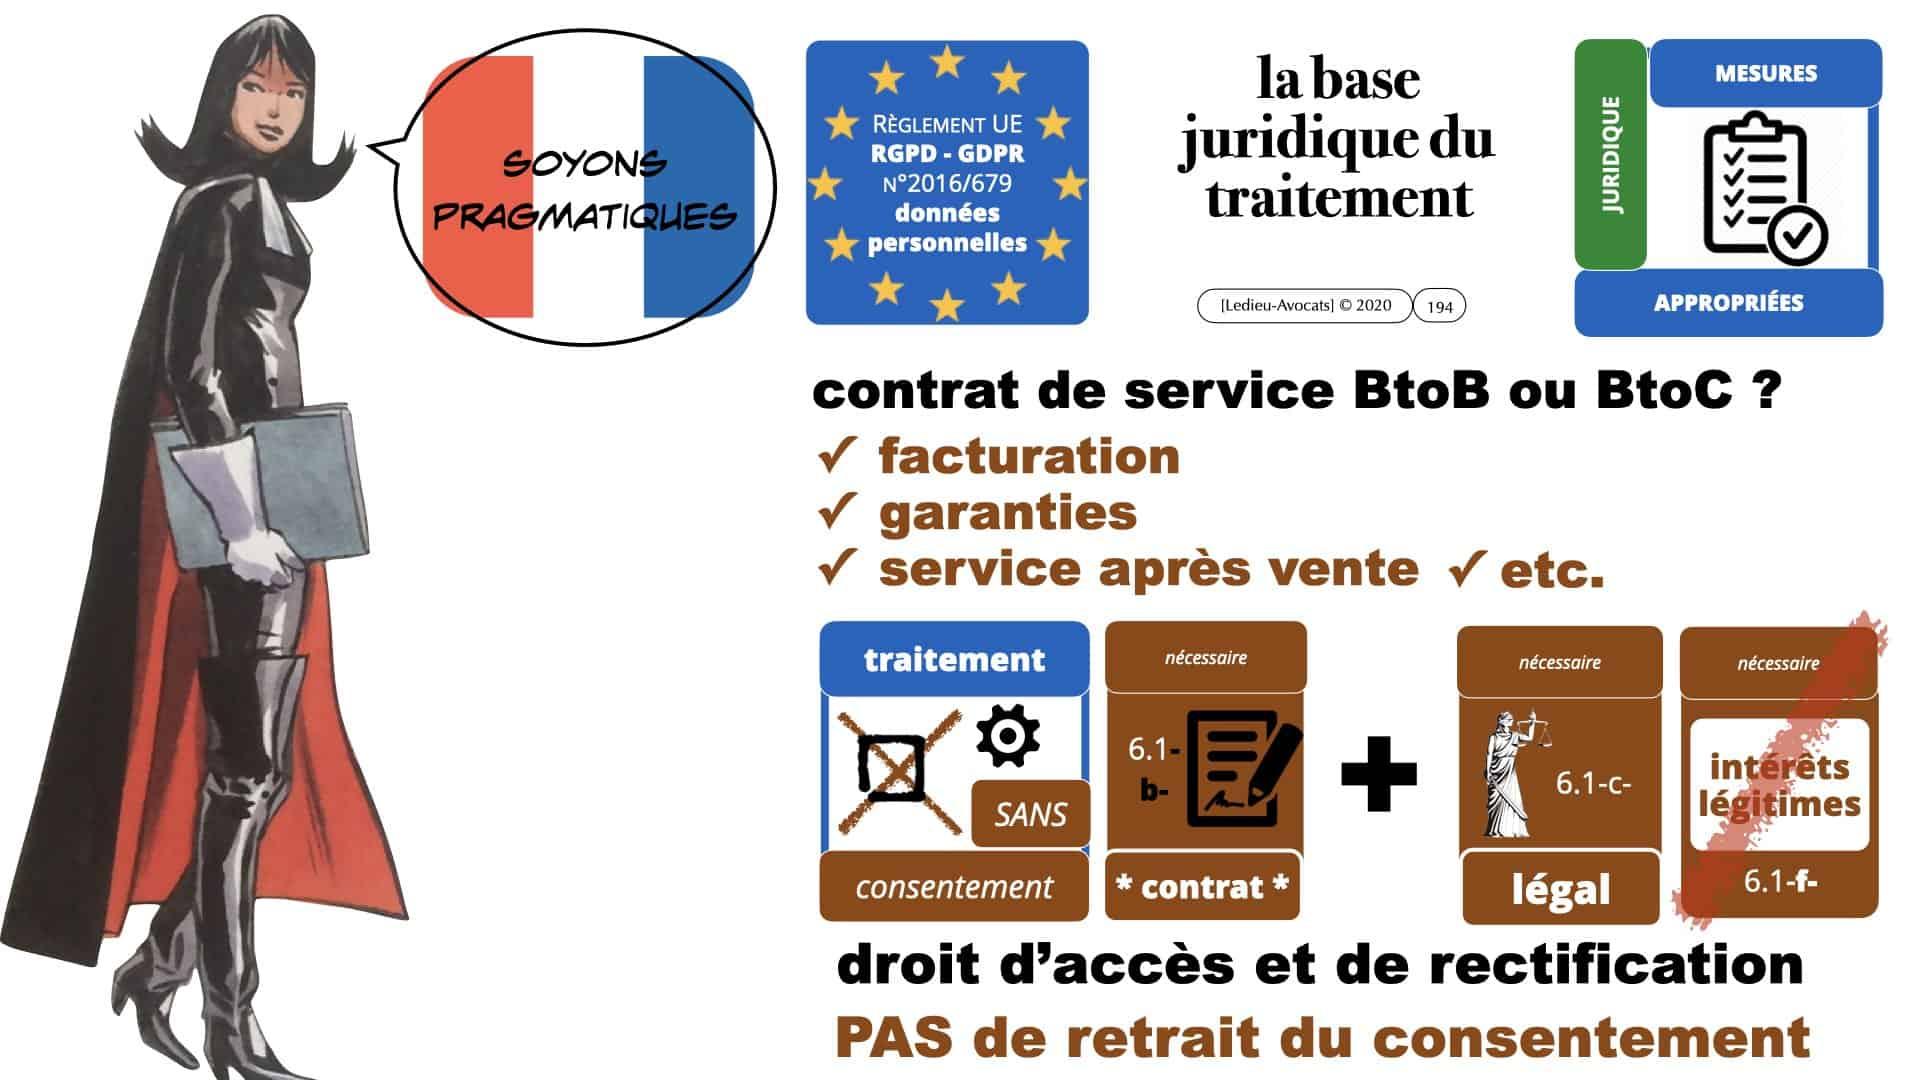 RGPD e-Privacy données personnelles jurisprudence formation Lamy Les Echos 10-02-2021 ©Ledieu-Avocats.194